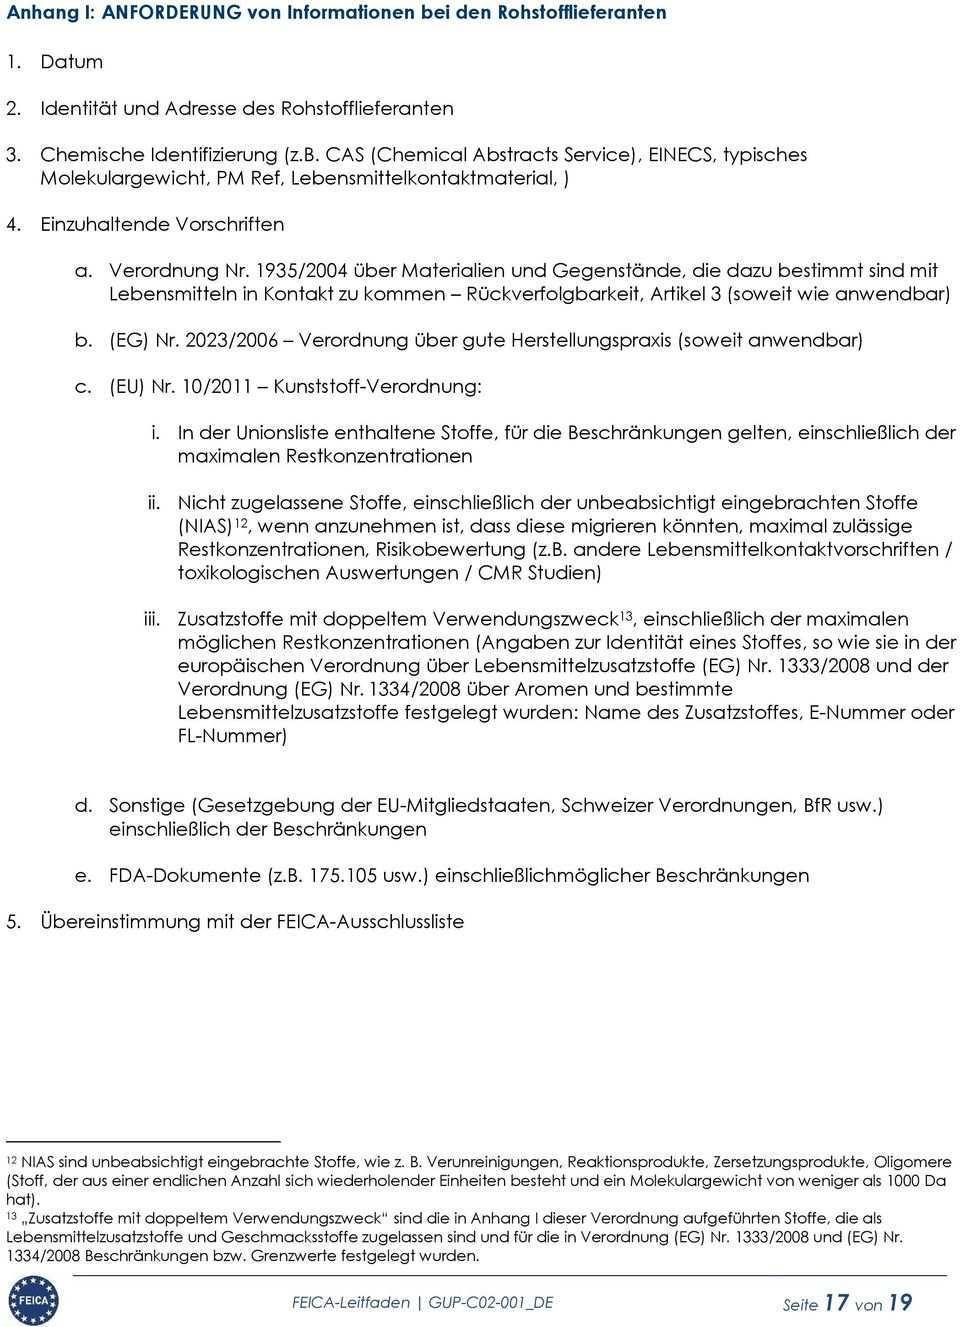 Leitfaden Fur Eine Lebensmittelrechtliche Statuserklarung Fur Klebstoffe Pdf Free Download